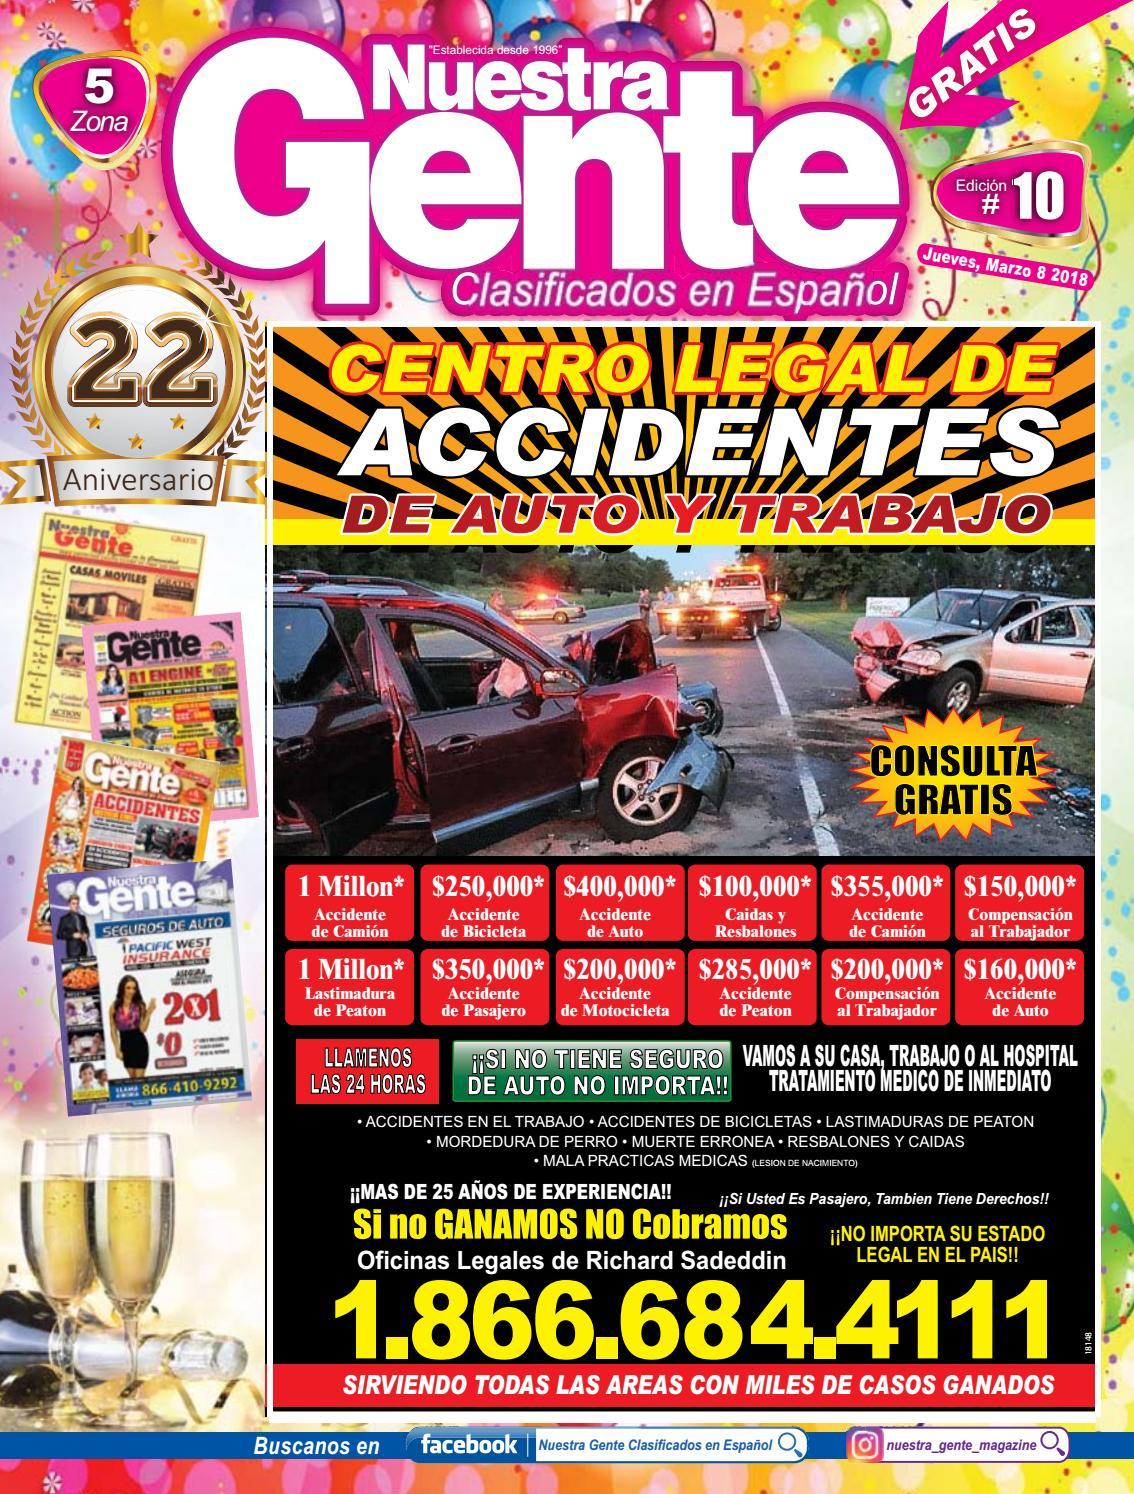 Nuestra Gente 2018 Edicion 10 Zona 5 by Nuestra Gente - issuu